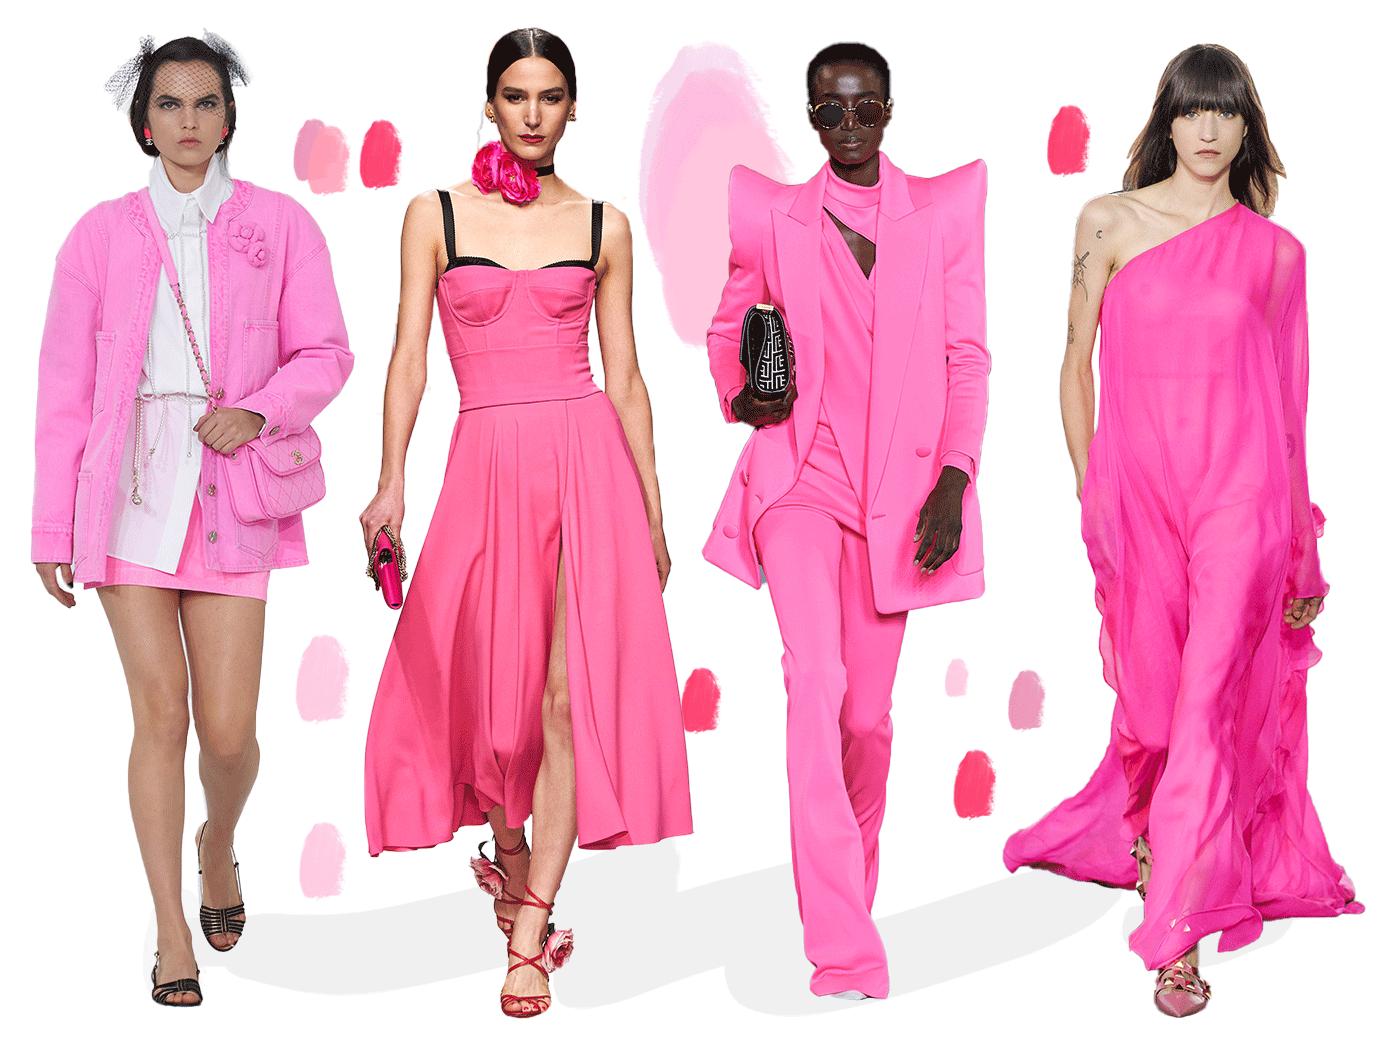 Ροζ: To χρώμα που κυριαρχεί στις καλοκαιρινές τάσεις